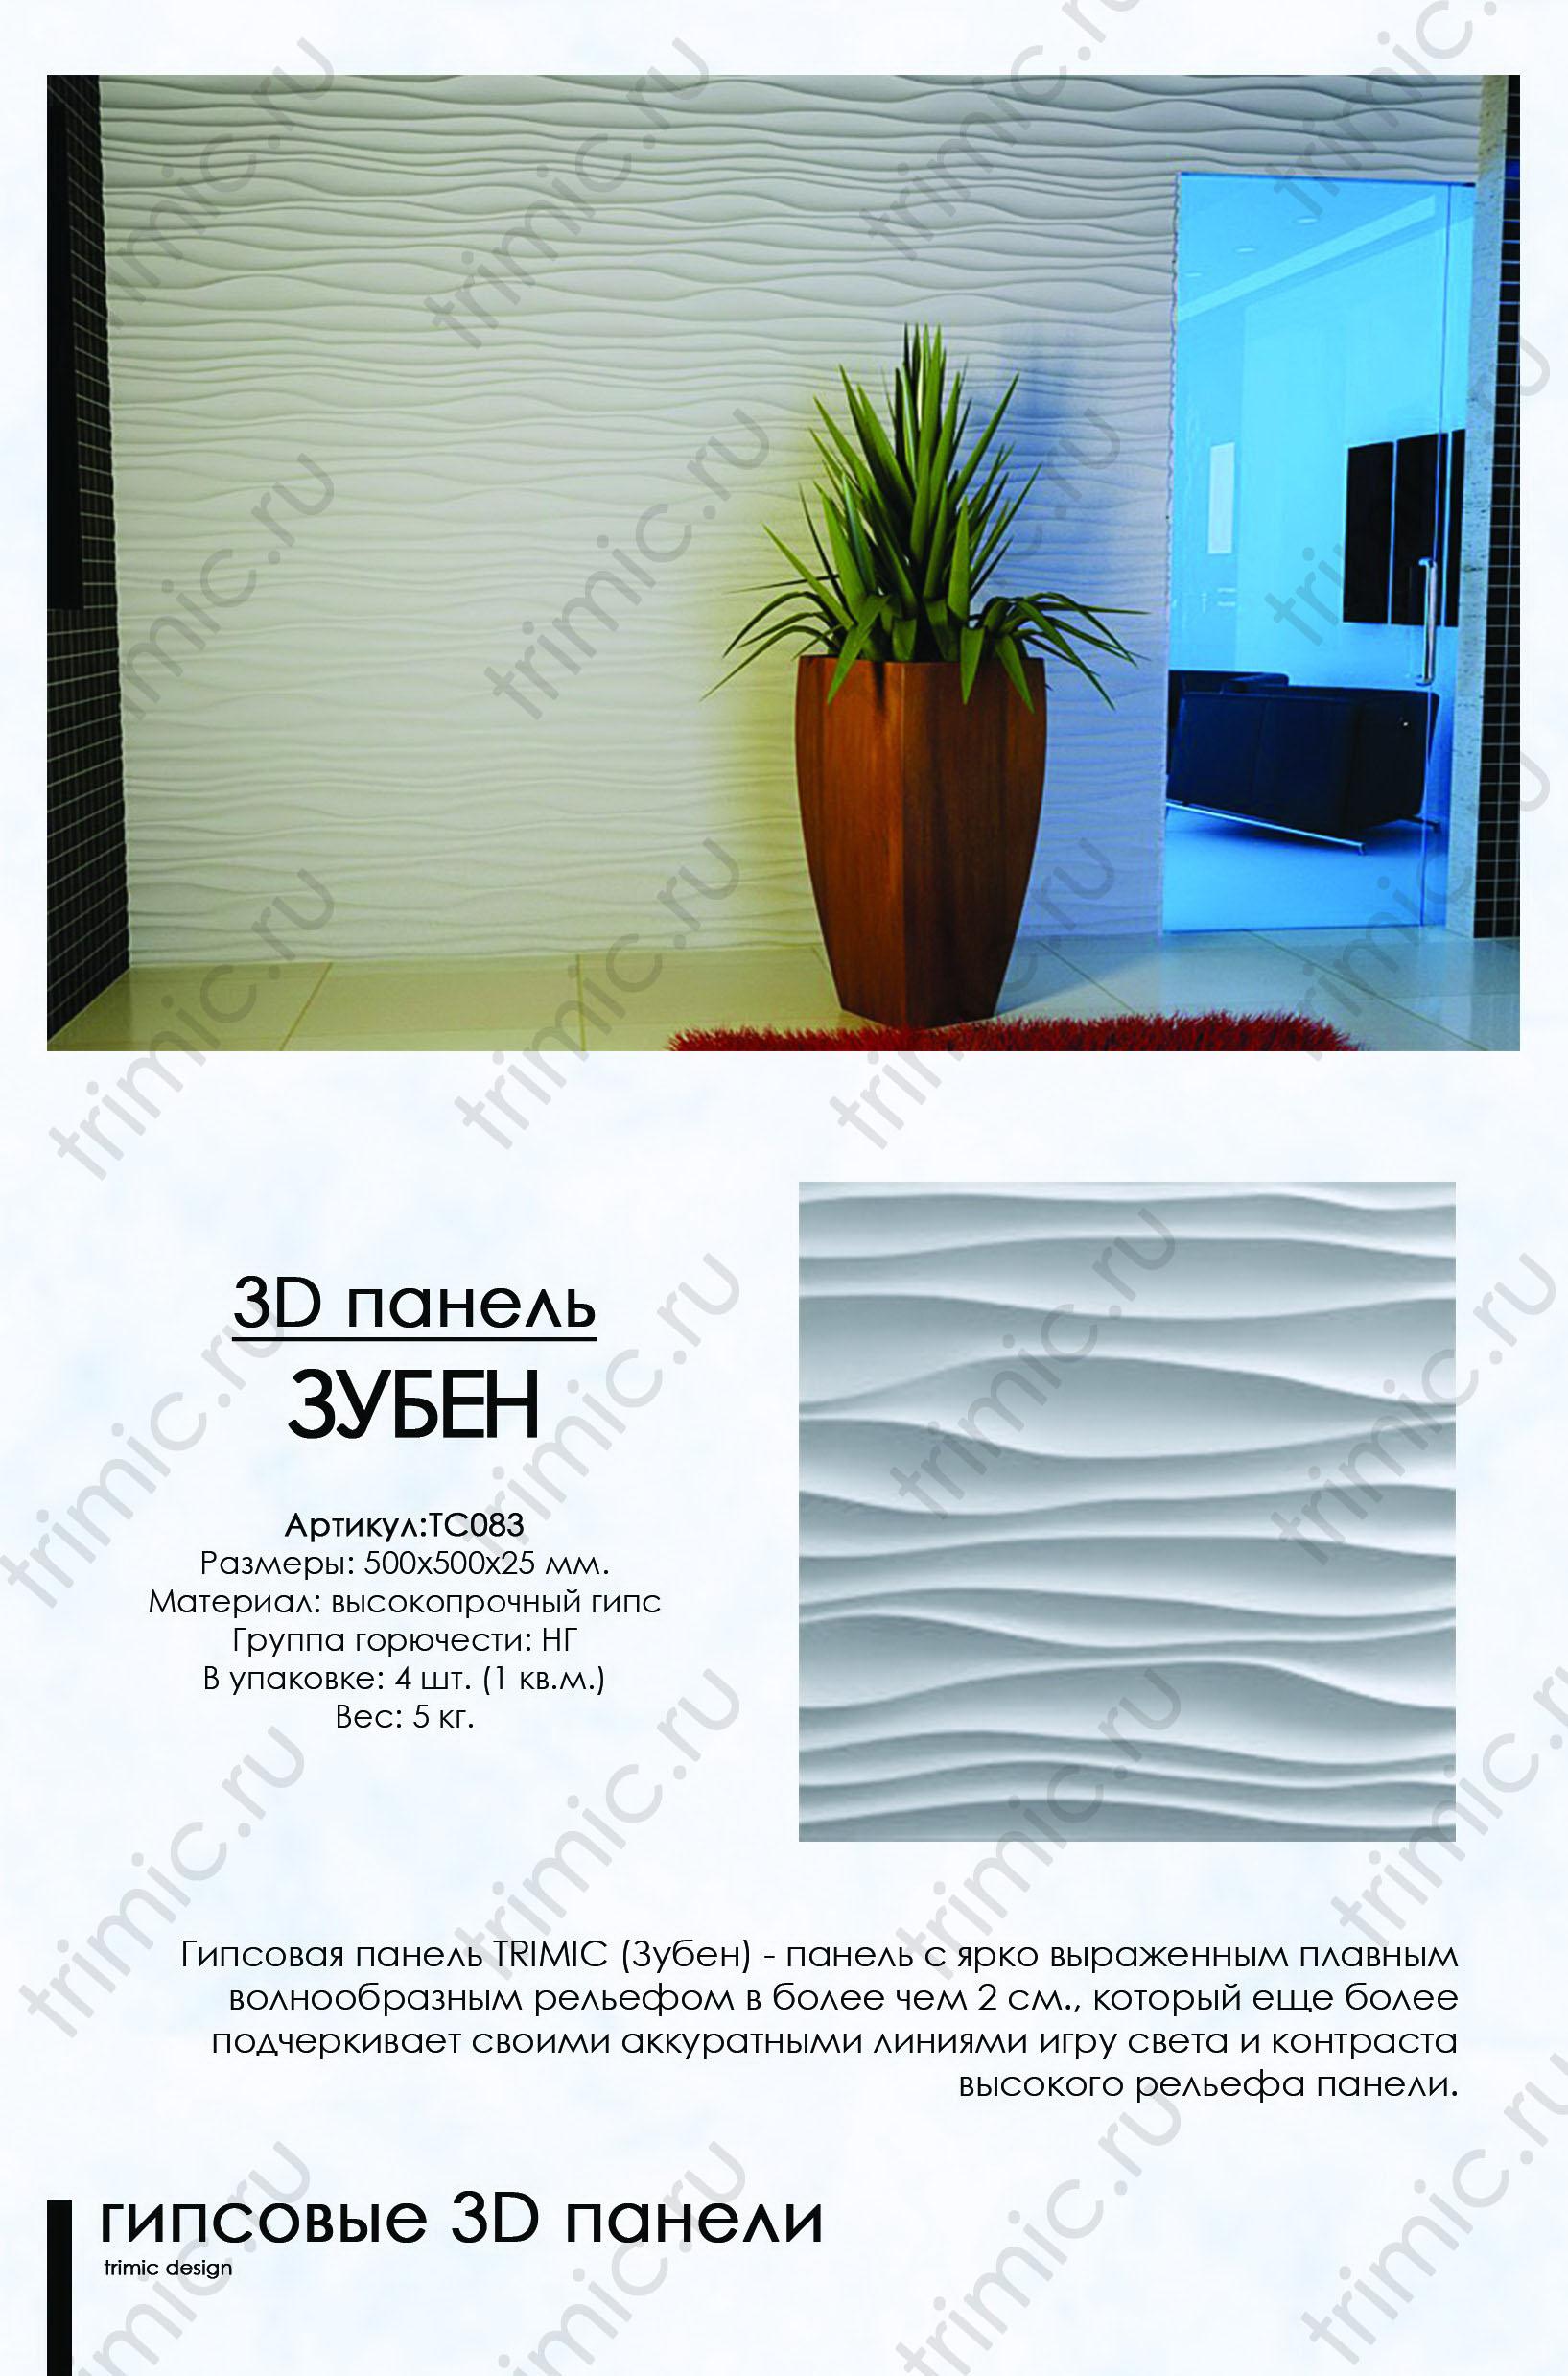 """3D панель из гипса """"Зубен"""" для интерьерного оформления стен."""